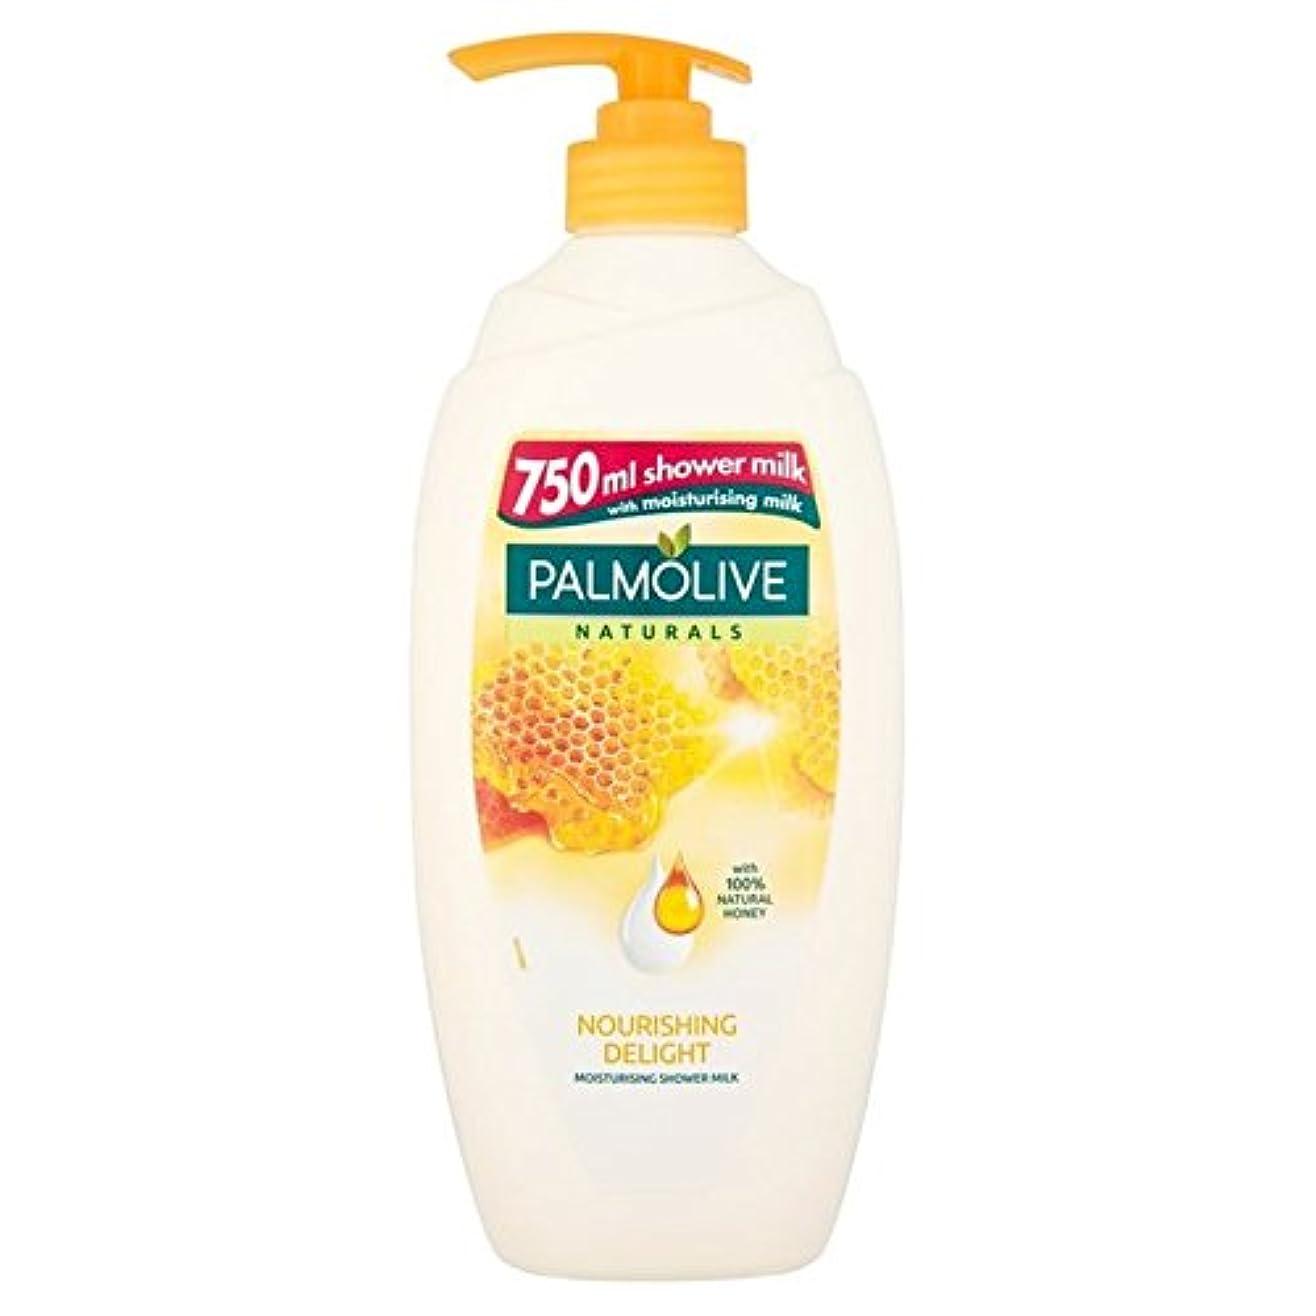 イノセンス列車フロンティアPalmolive Naturals Nourishing Shower Naturals Milk with Honey 750ml - 蜂蜜の750ミリリットルとシャワーナチュラルミルク栄養パルモライブナチュラル [...